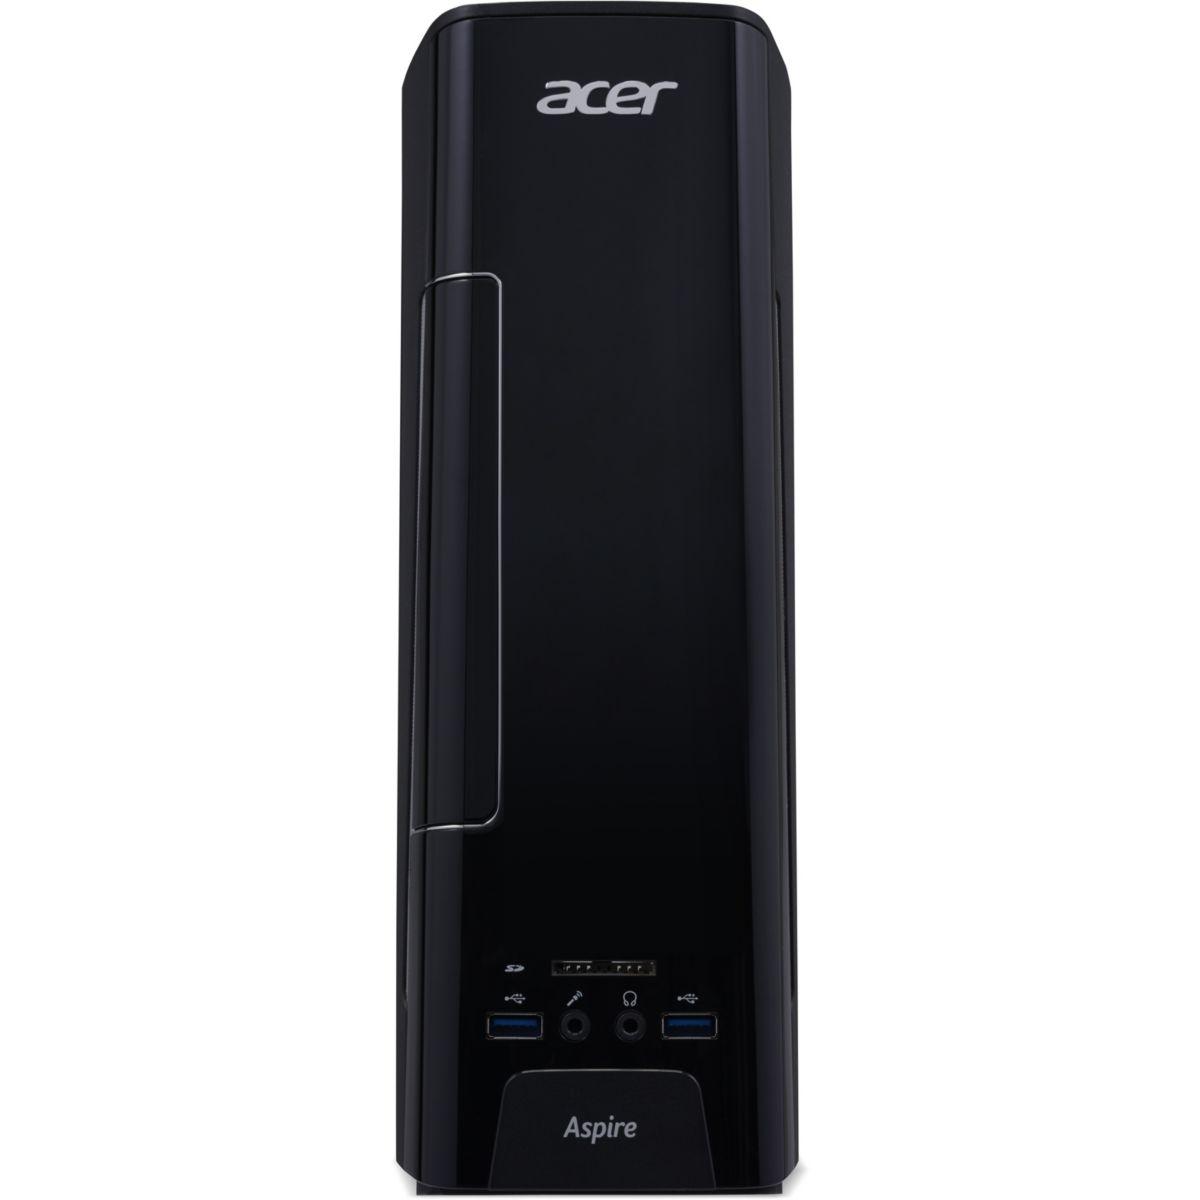 Ordi ACER Aspire XC-780-016 (photo)